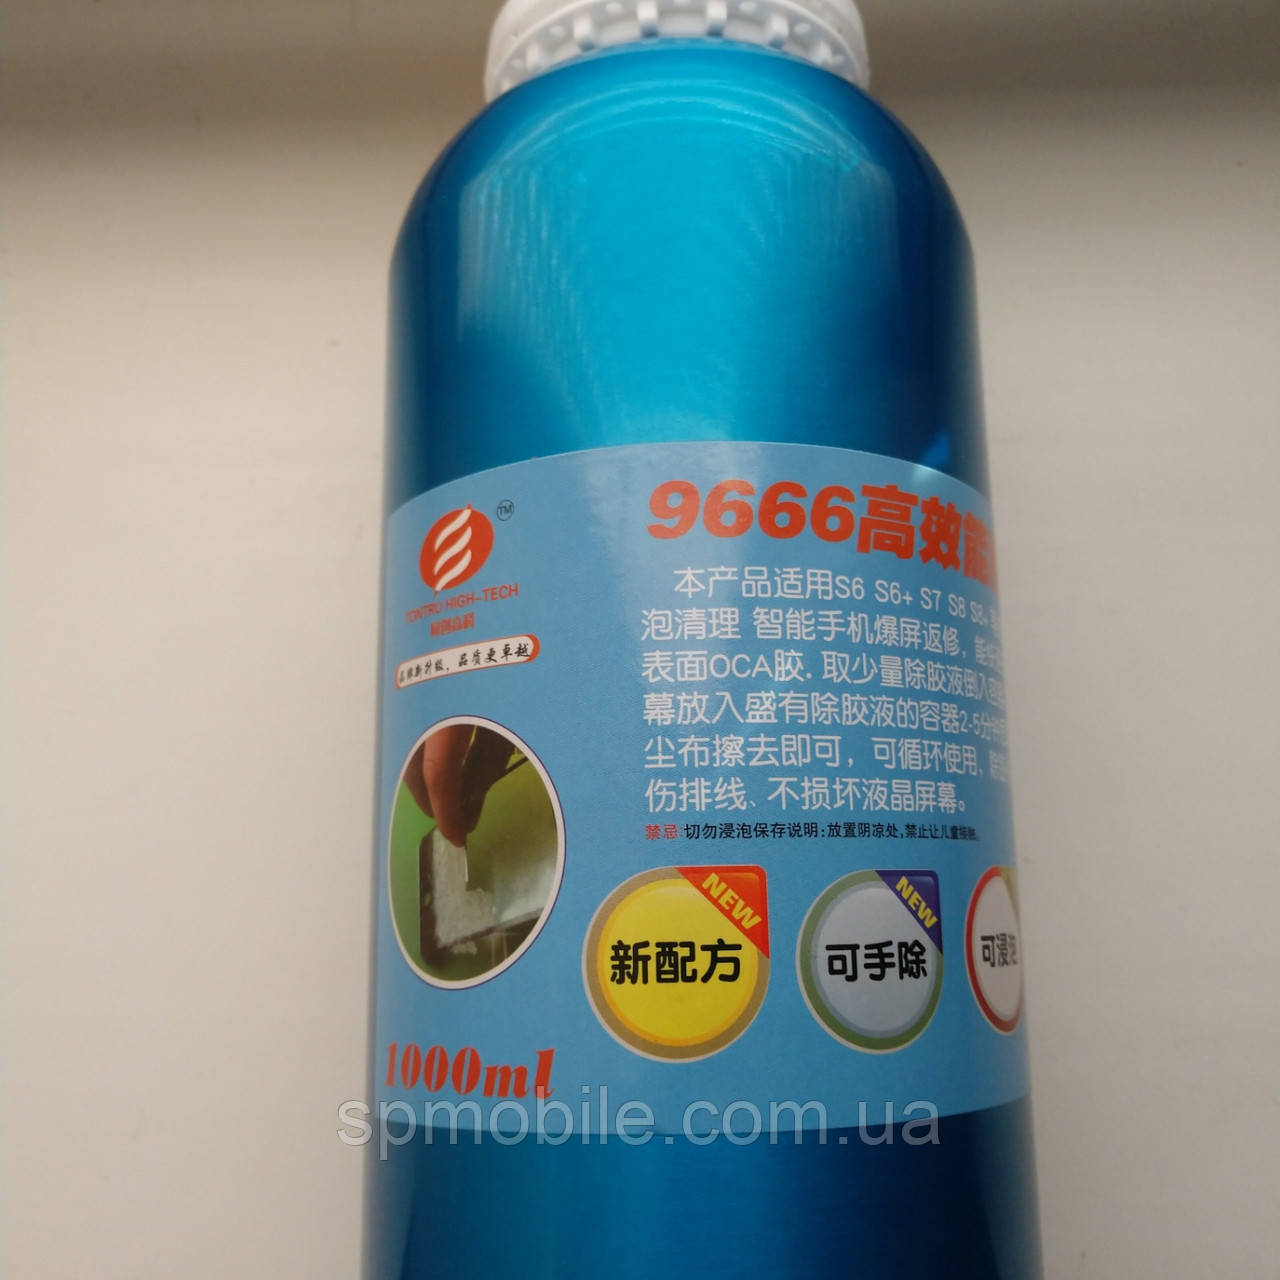 Жидкость 9666 для растворения OCA пленки 1000ml железная банка